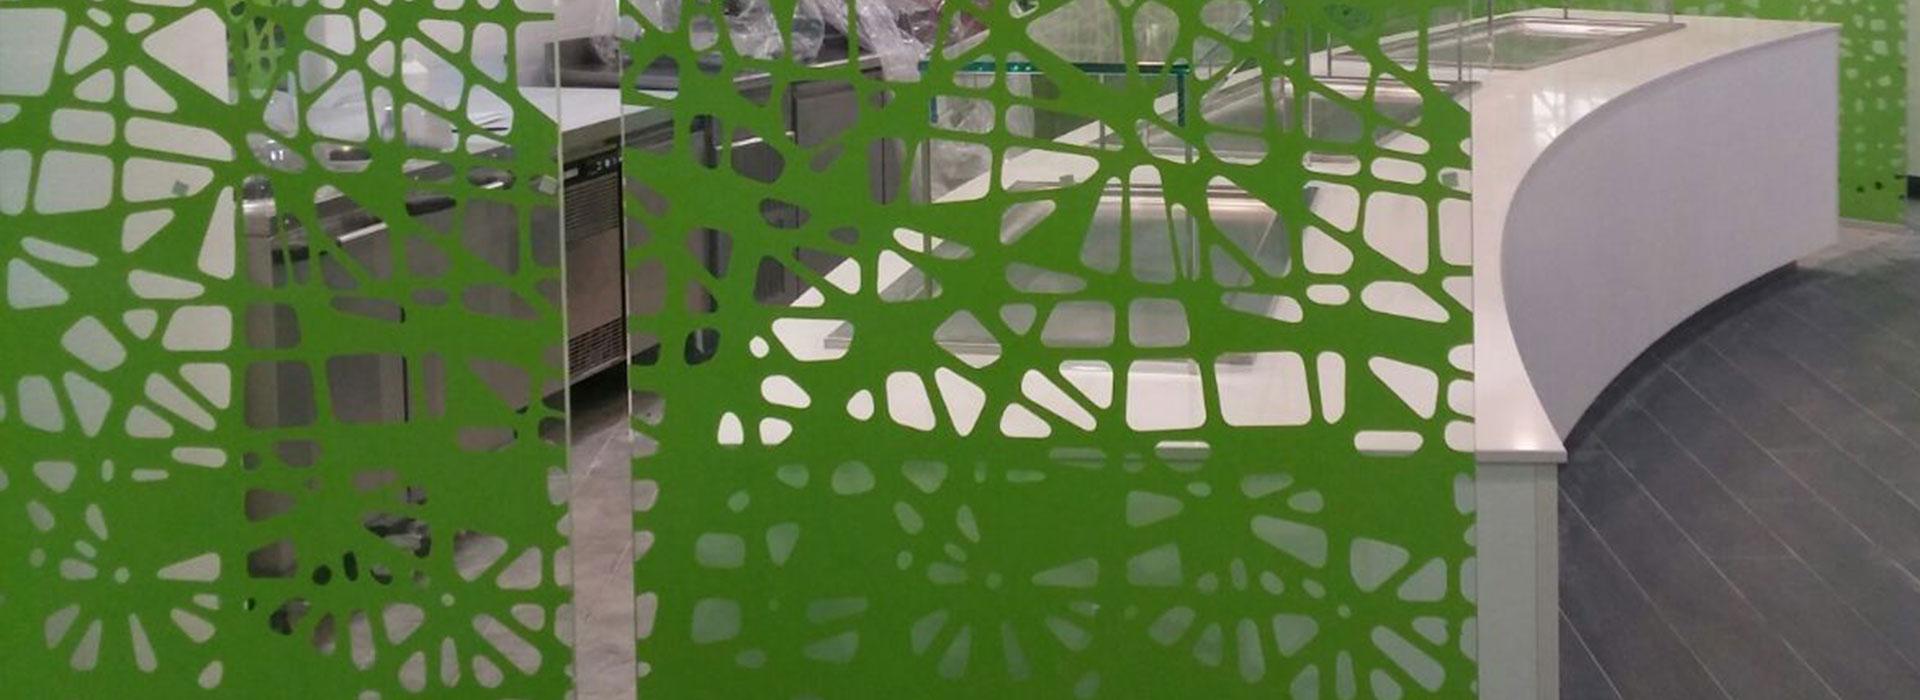 Pellicole per decorazione vetri